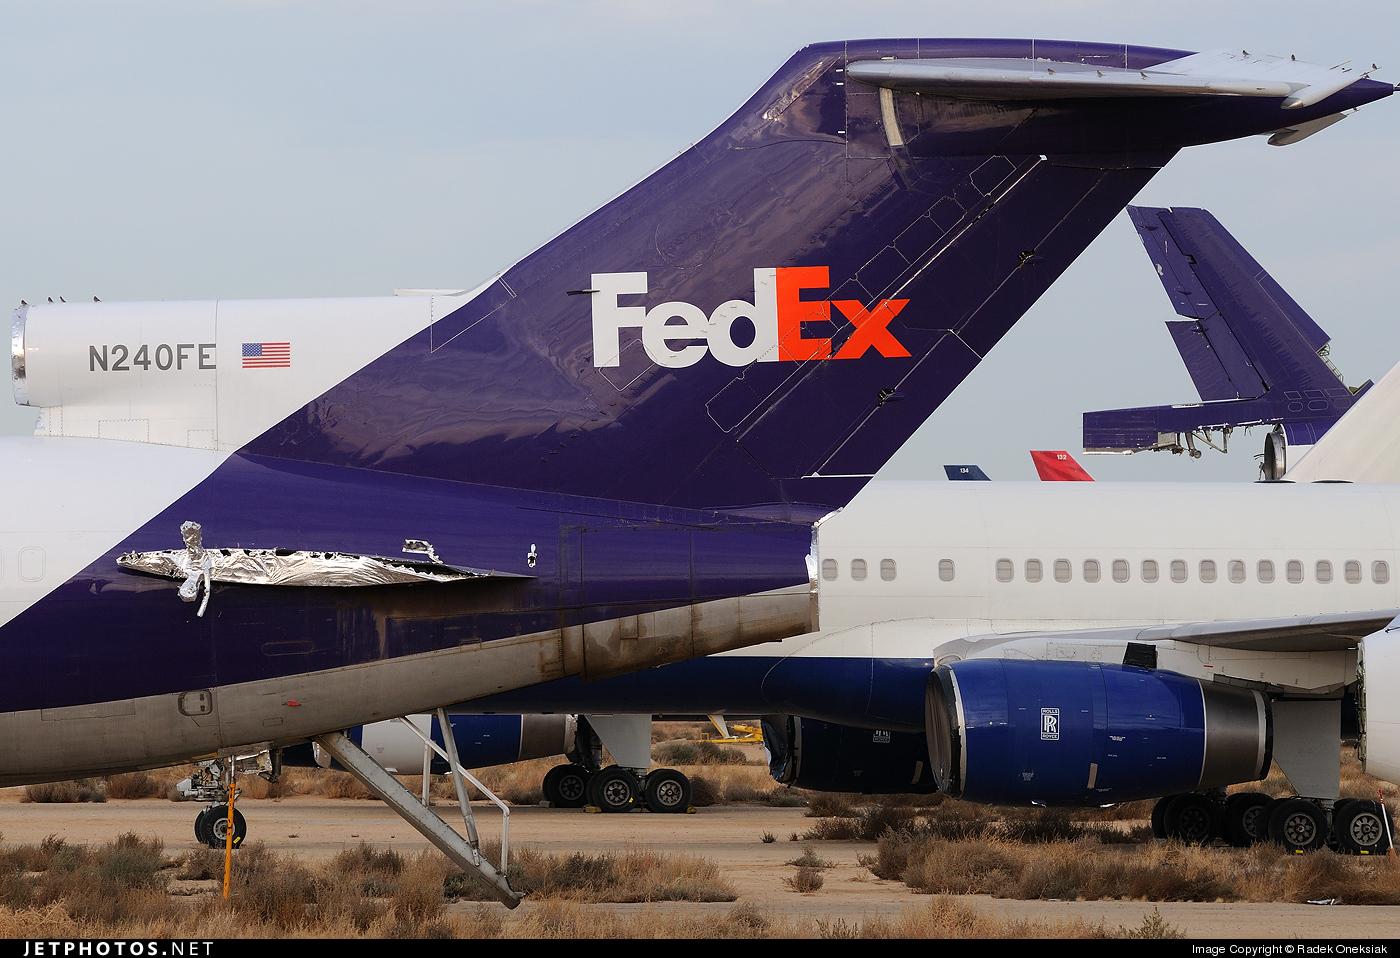 N240FE - Boeing 727-277(Adv)(F) - FedEx